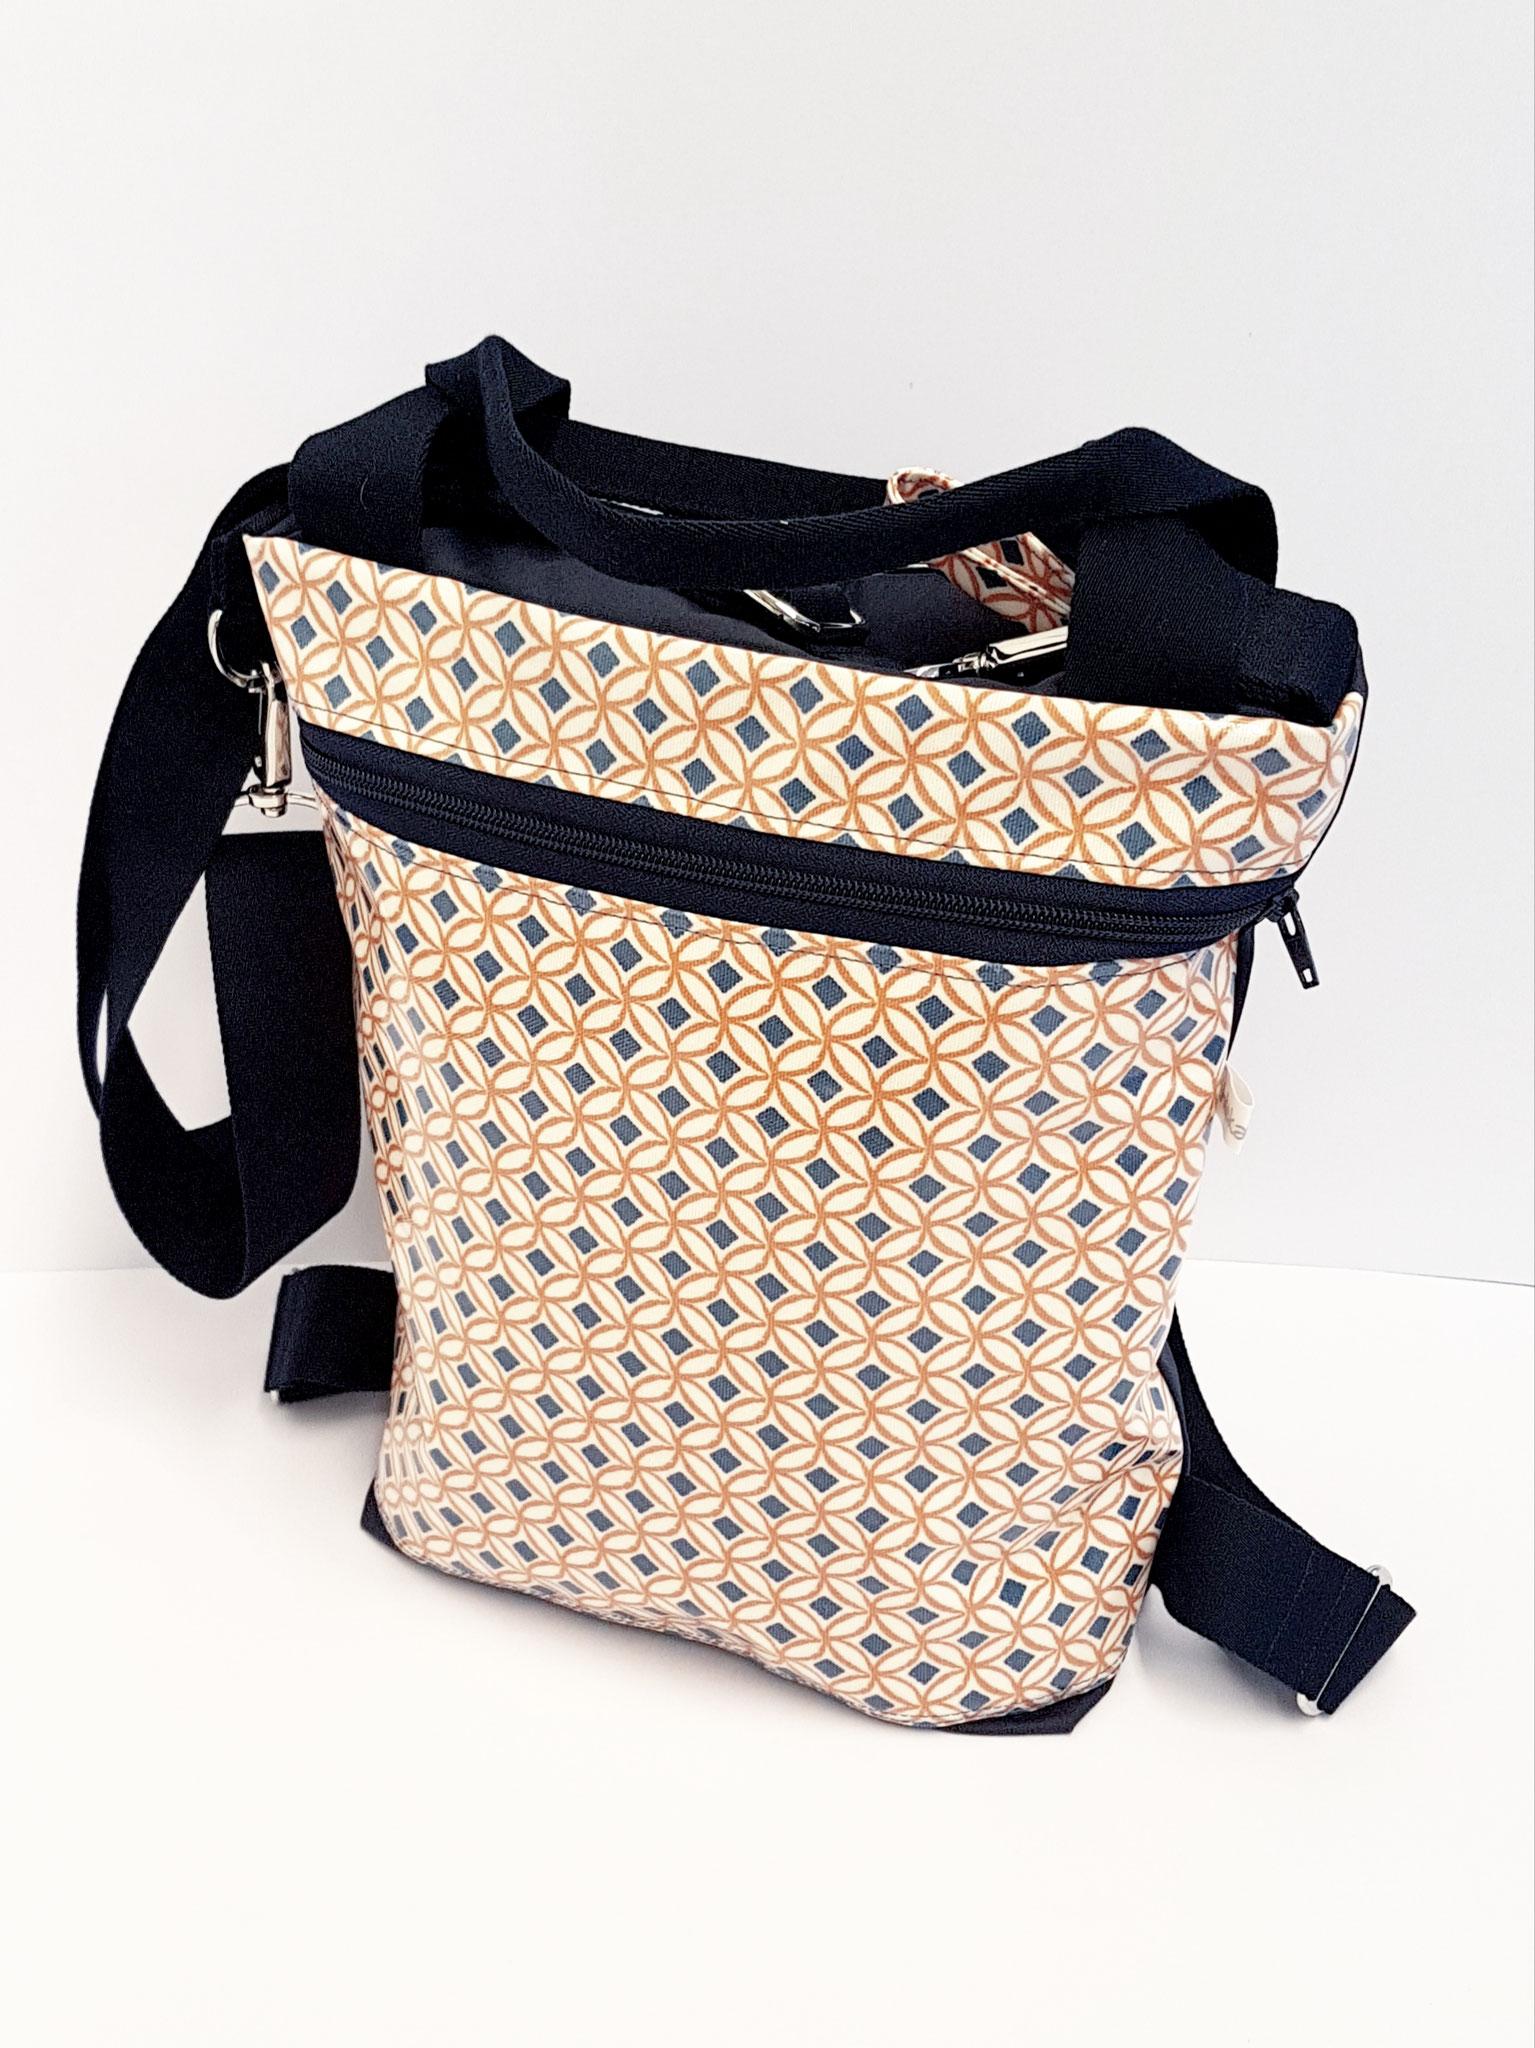 3in1 Bag M, Gewachster Canvas-Wachstuch, verkauft